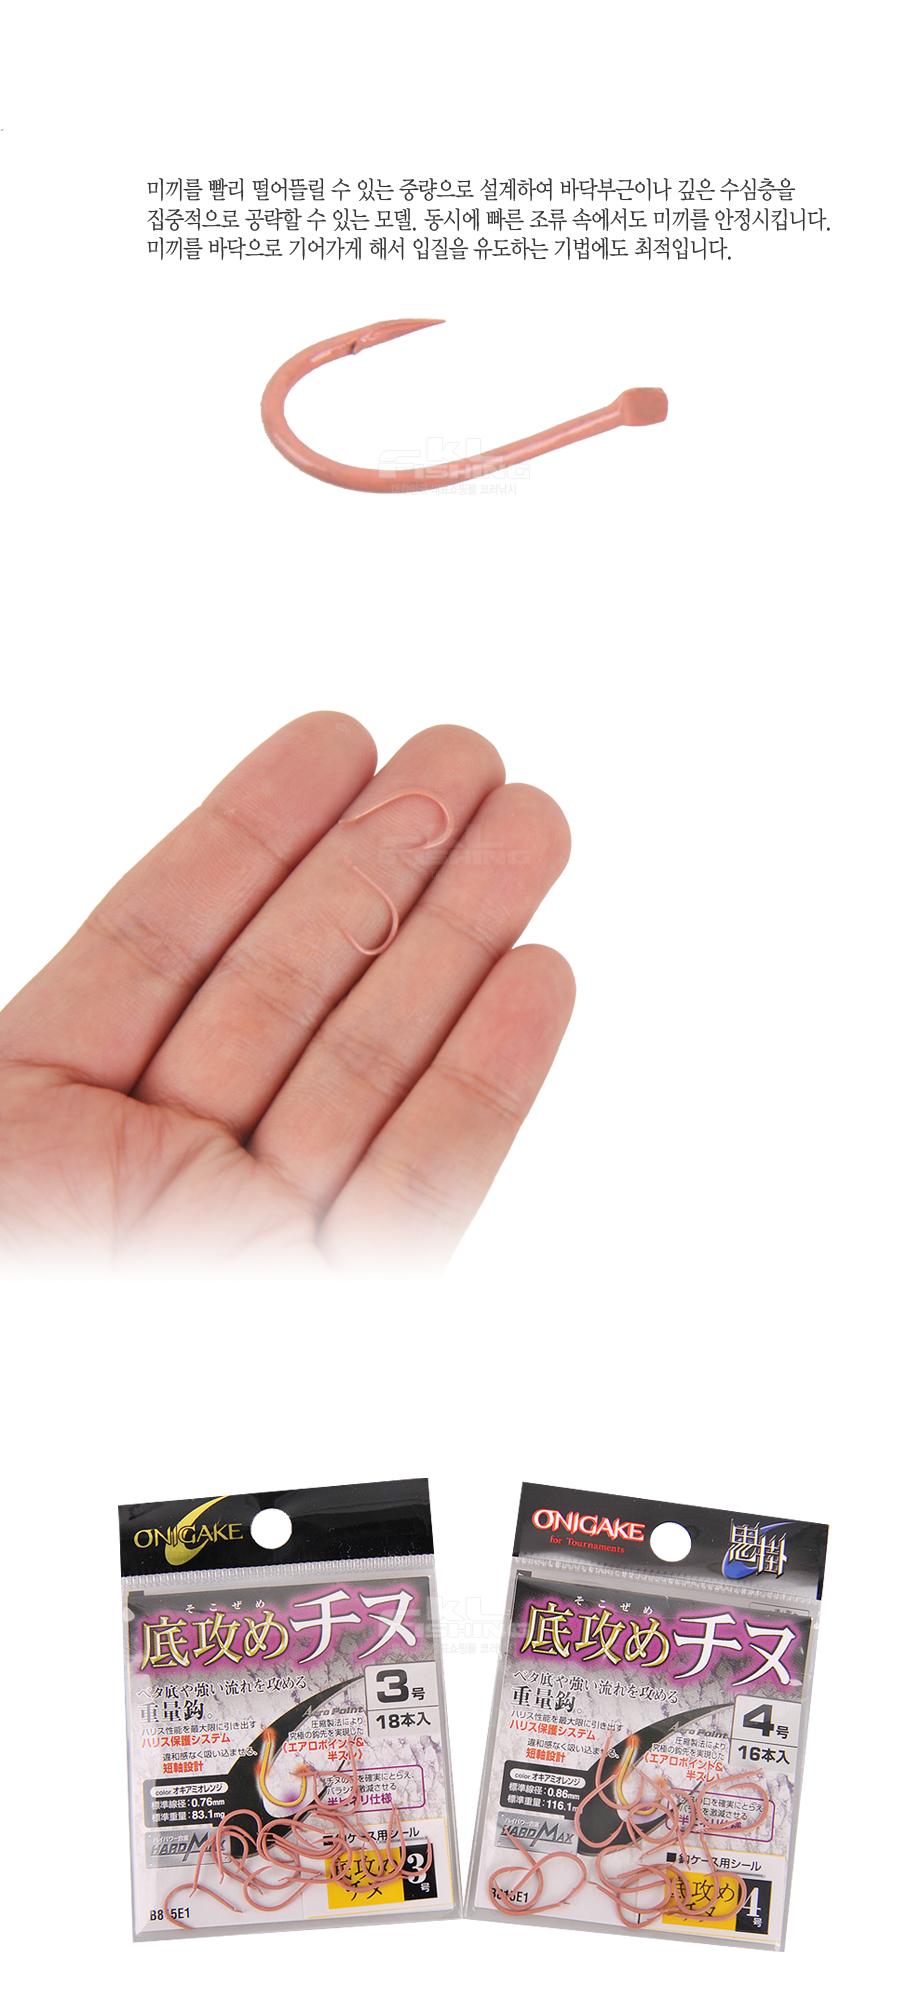 감성돔바늘 바다바늘 찌낚시바늘 코팅바늘 크릴바늘 오니가케 바닥공략 치누(B815E1) 크릴오렌지